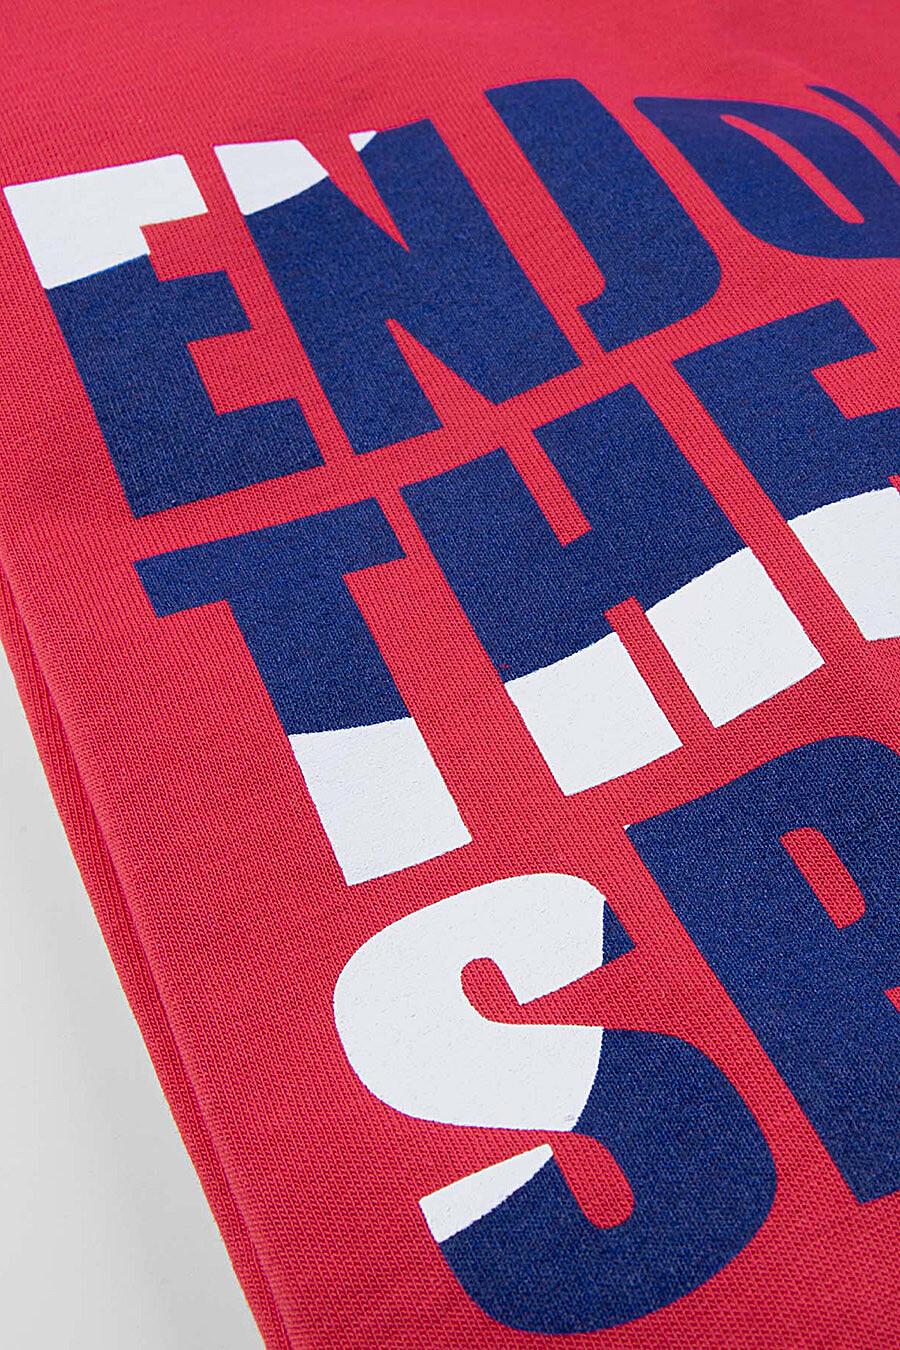 Футболка для мальчиков BOSSA NOVA 219907 купить оптом от производителя. Совместная покупка детской одежды в OptMoyo